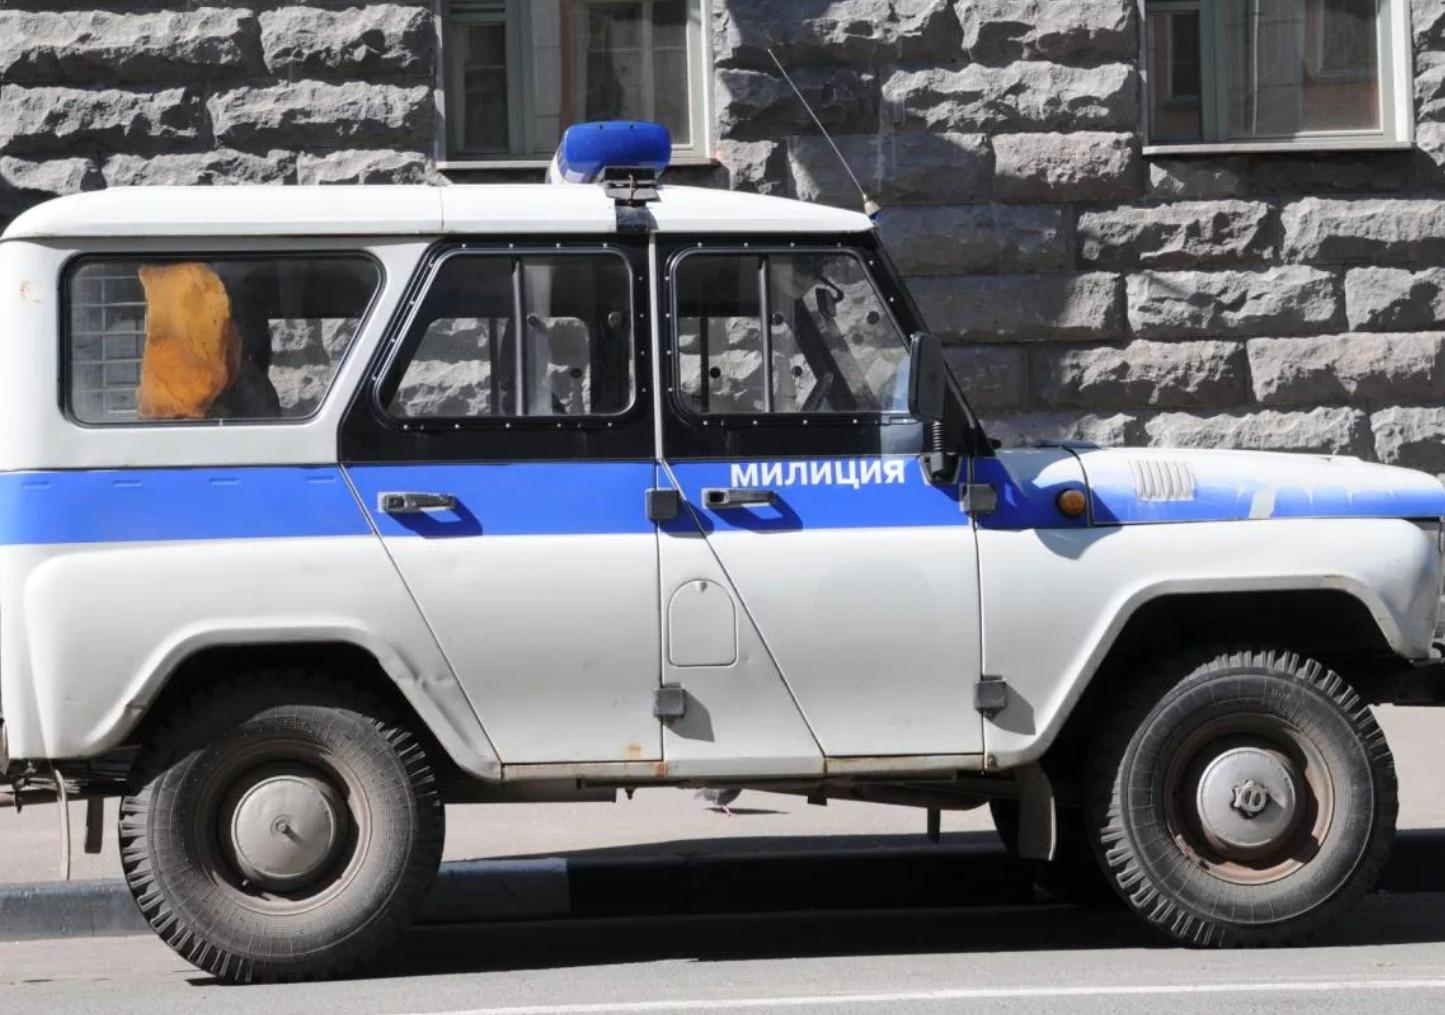 Теракт в Дзержинском районе Волгограда в 2000 году - версии и слухи взрыва